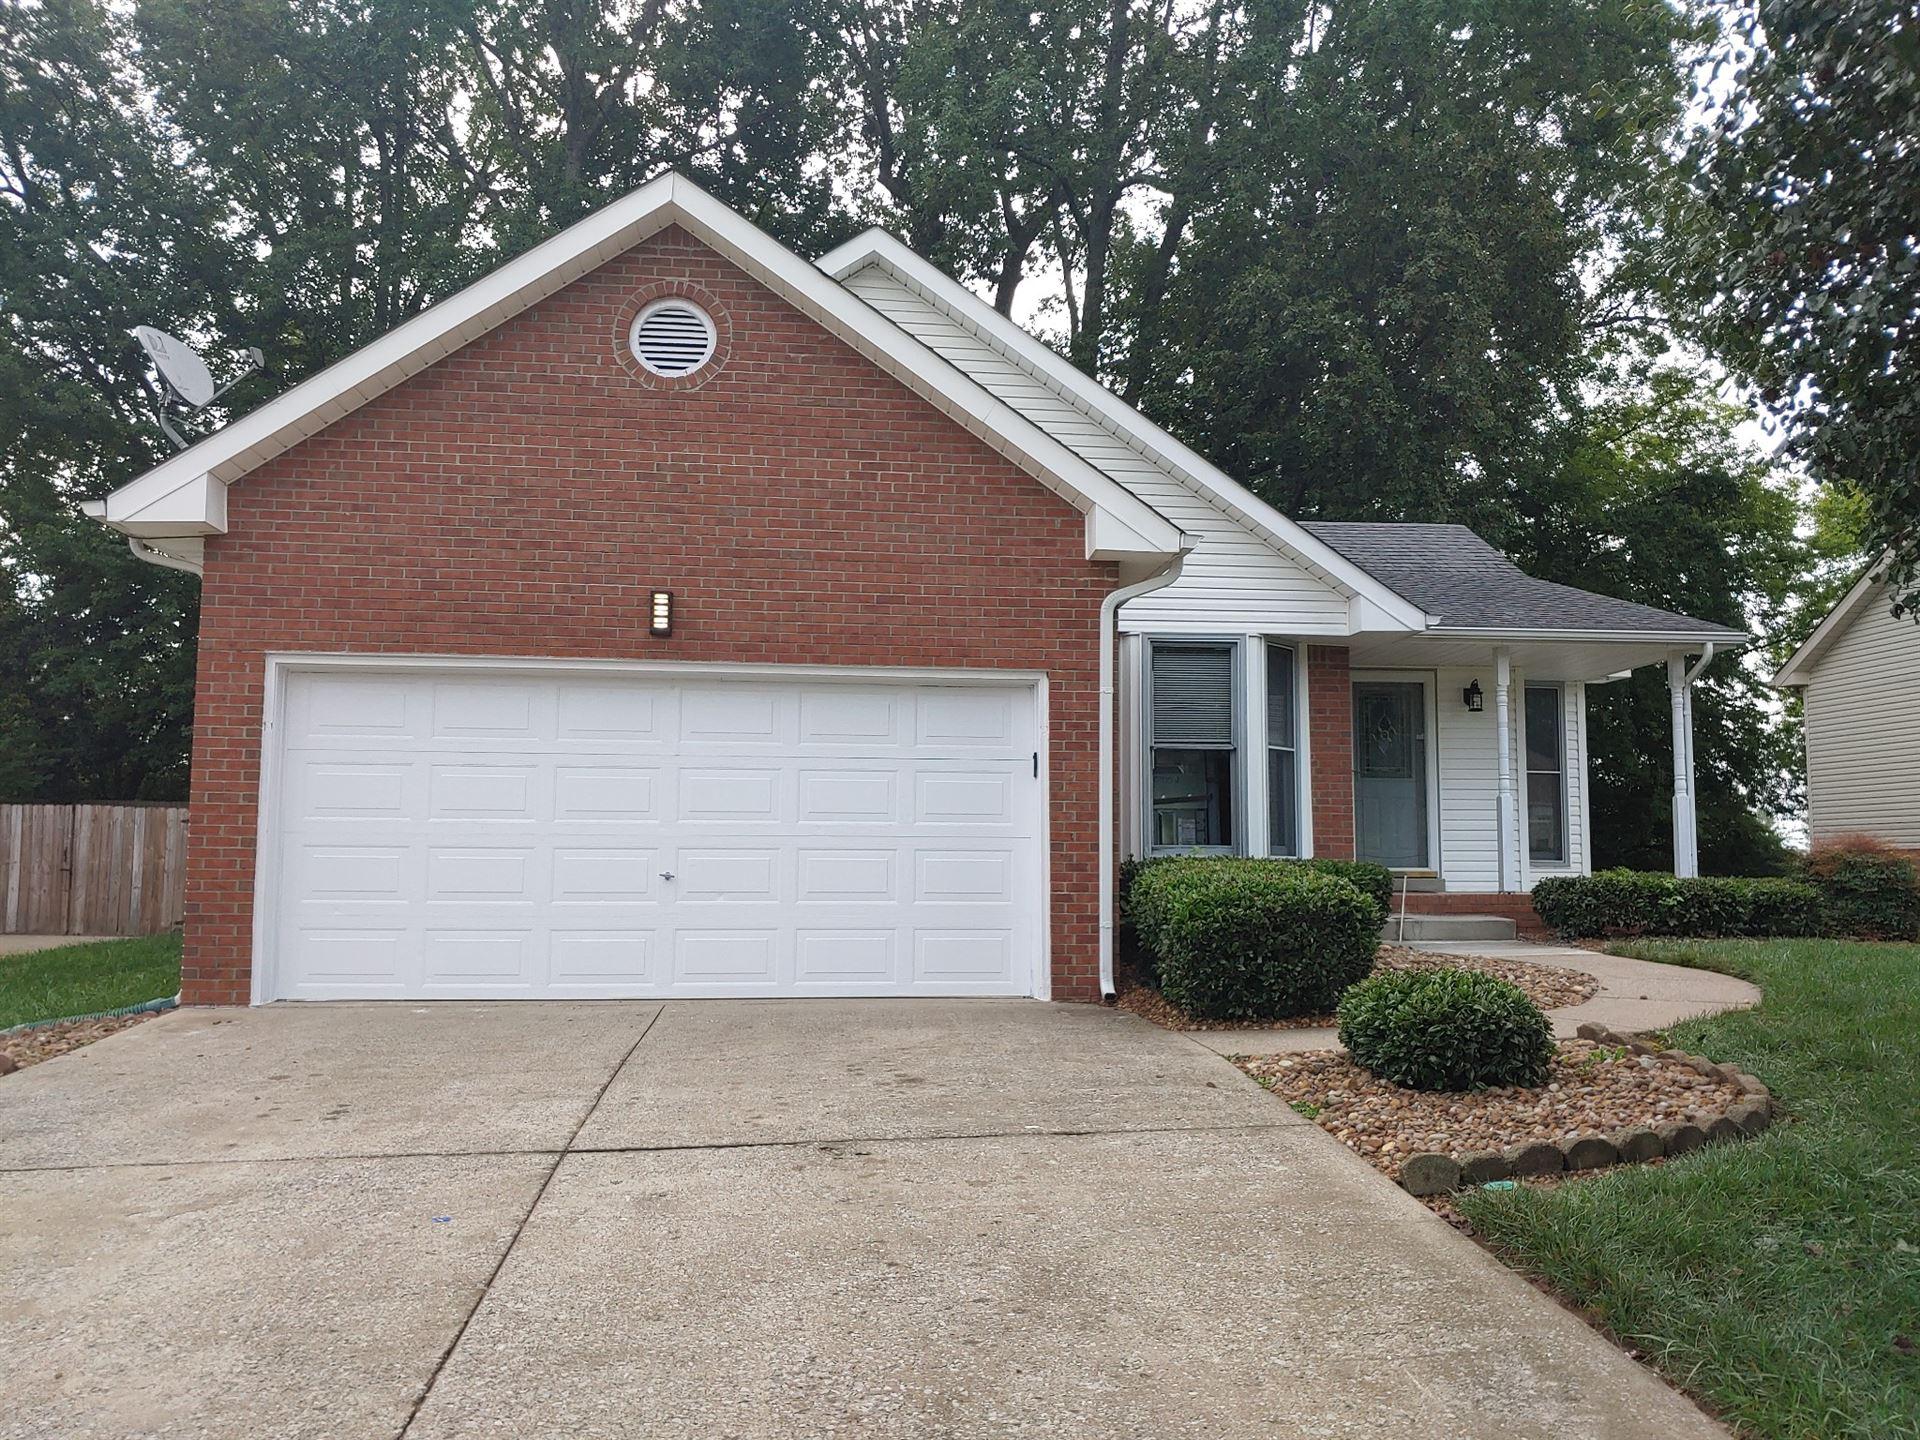 219 Kathleen Ct, Clarksville, TN 37043 - MLS#: 2273387